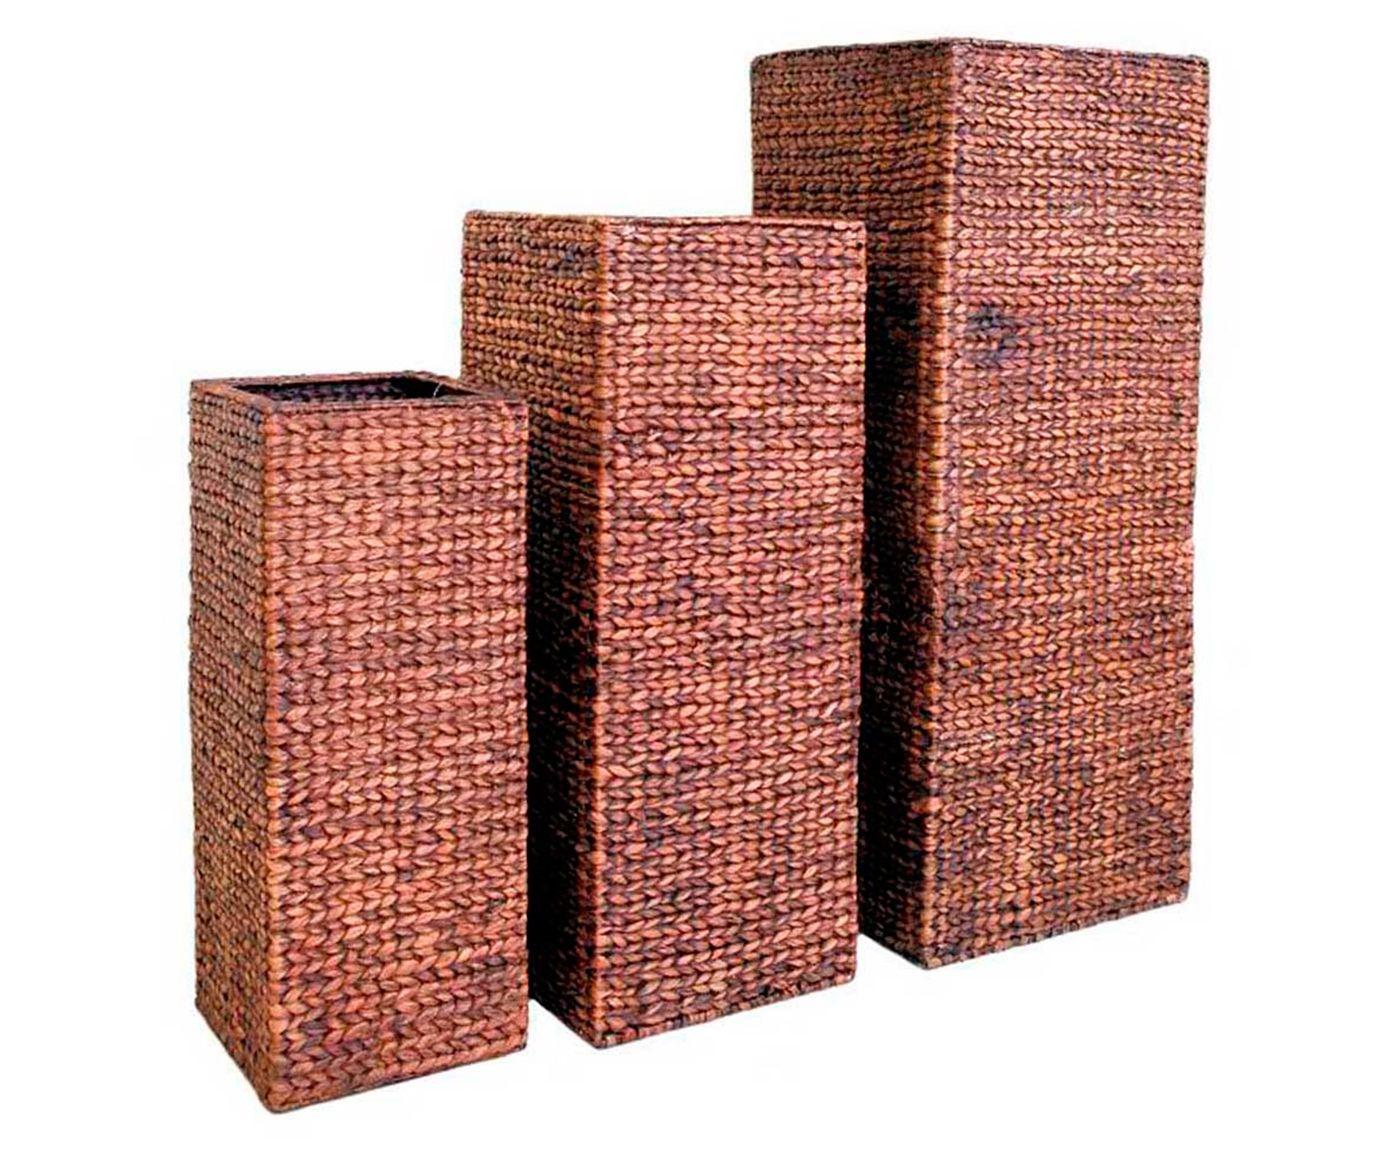 Jogo de Vasos Tall Braided | Westwing.com.br